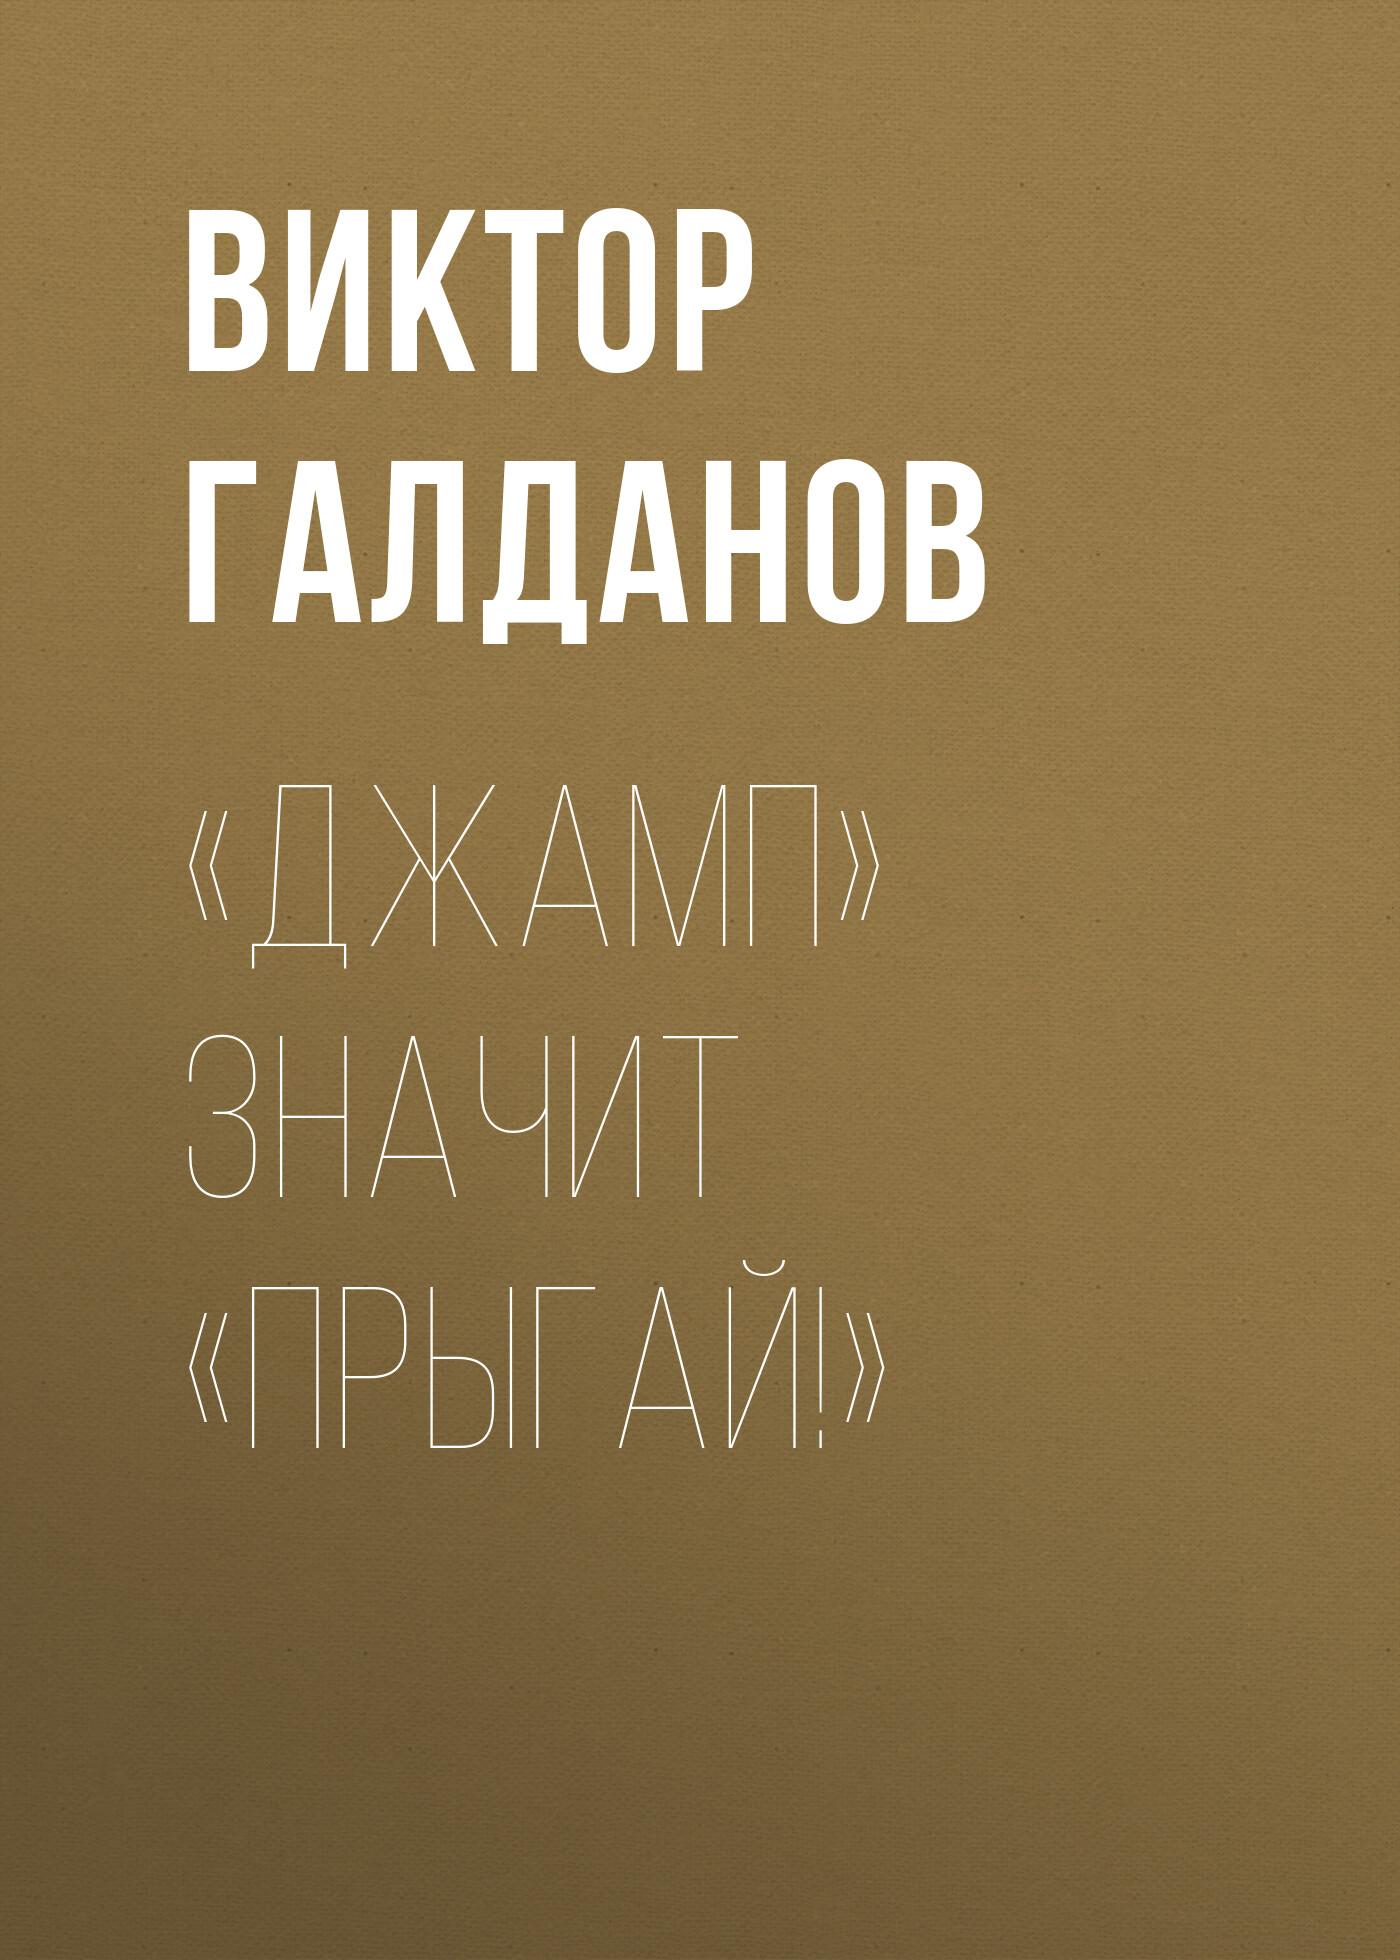 Виктор Галданов «Джамп» значит «Прыгай!» руслан хасбулатов либеральная тирания ельцина международный заговор против россии